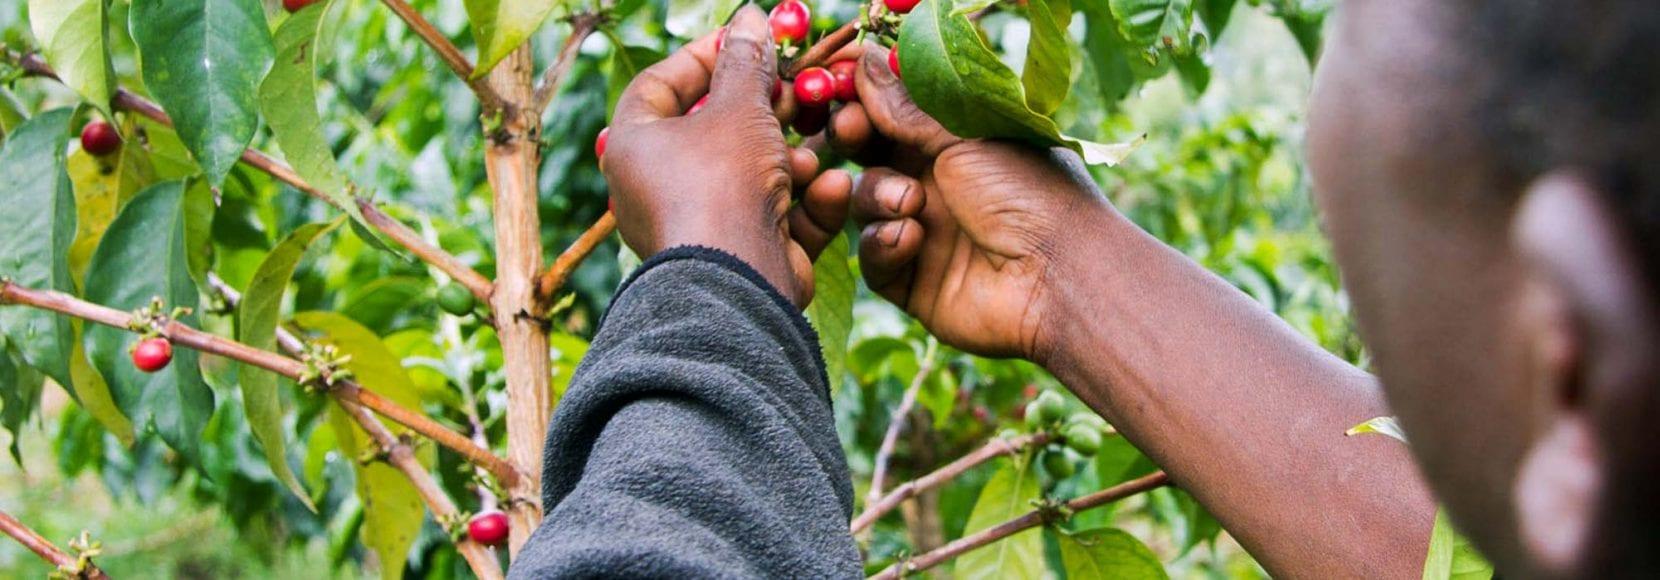 Farmer picking coffee cherries in kenya